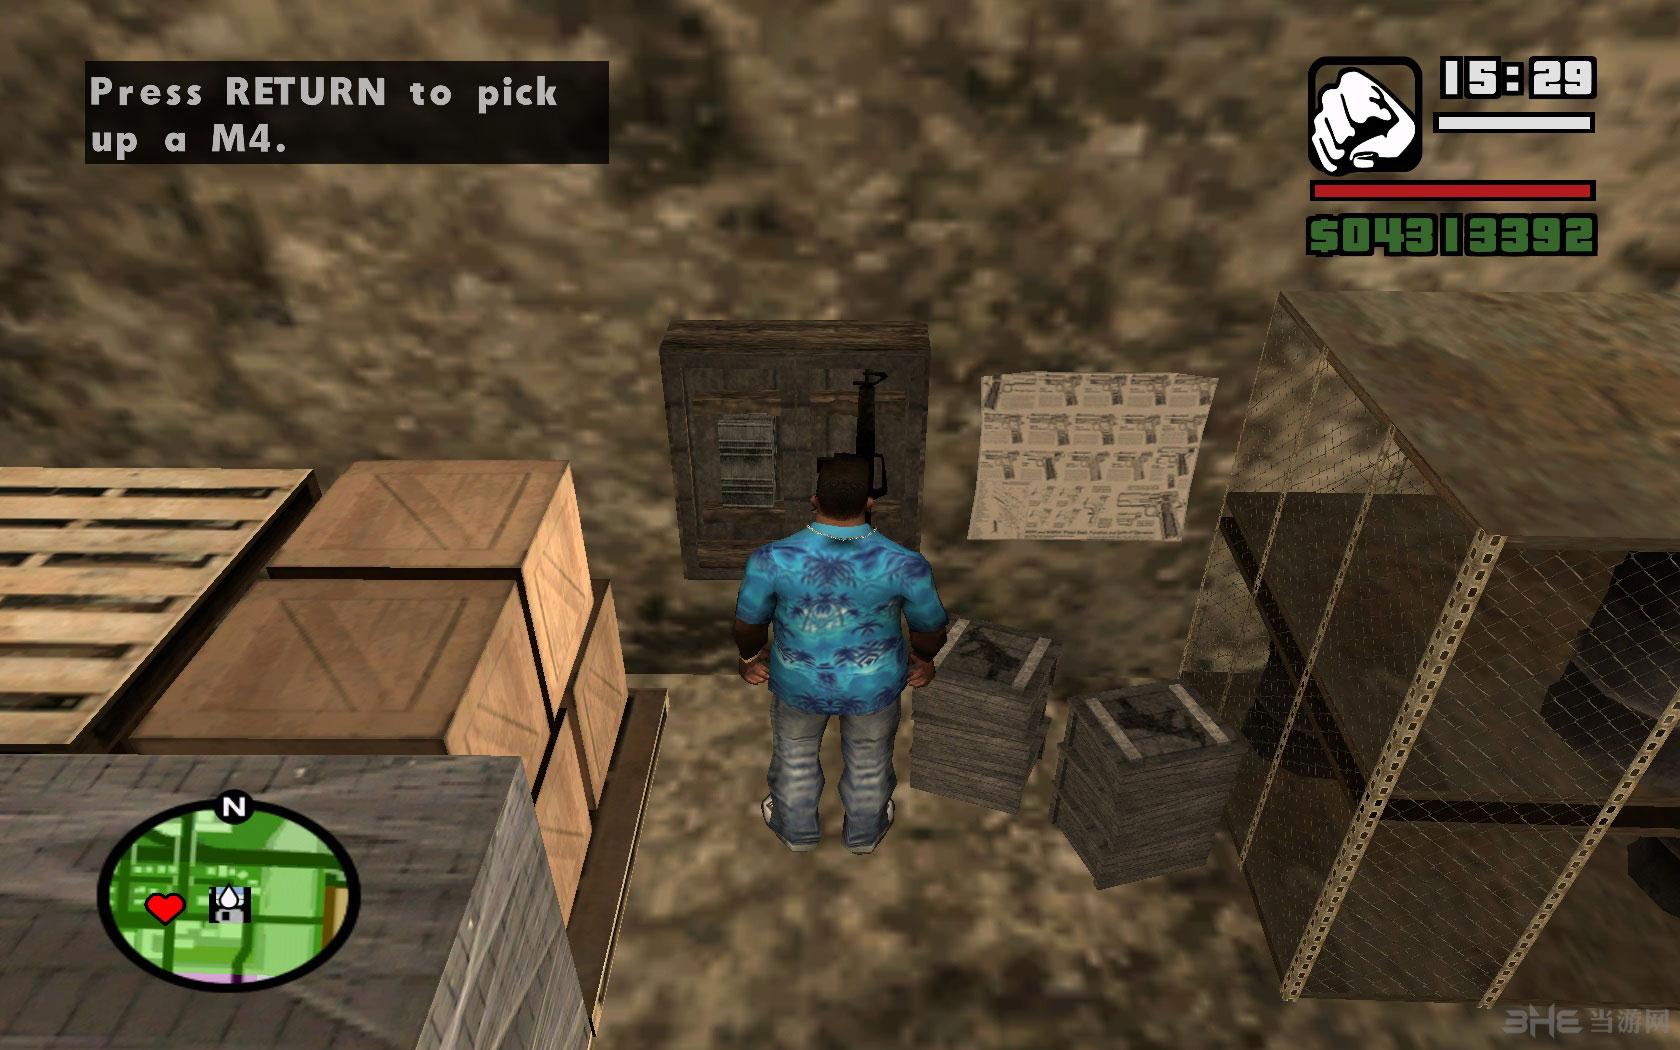 侠盗猎车手圣安地列斯地下室地图MOD截图11